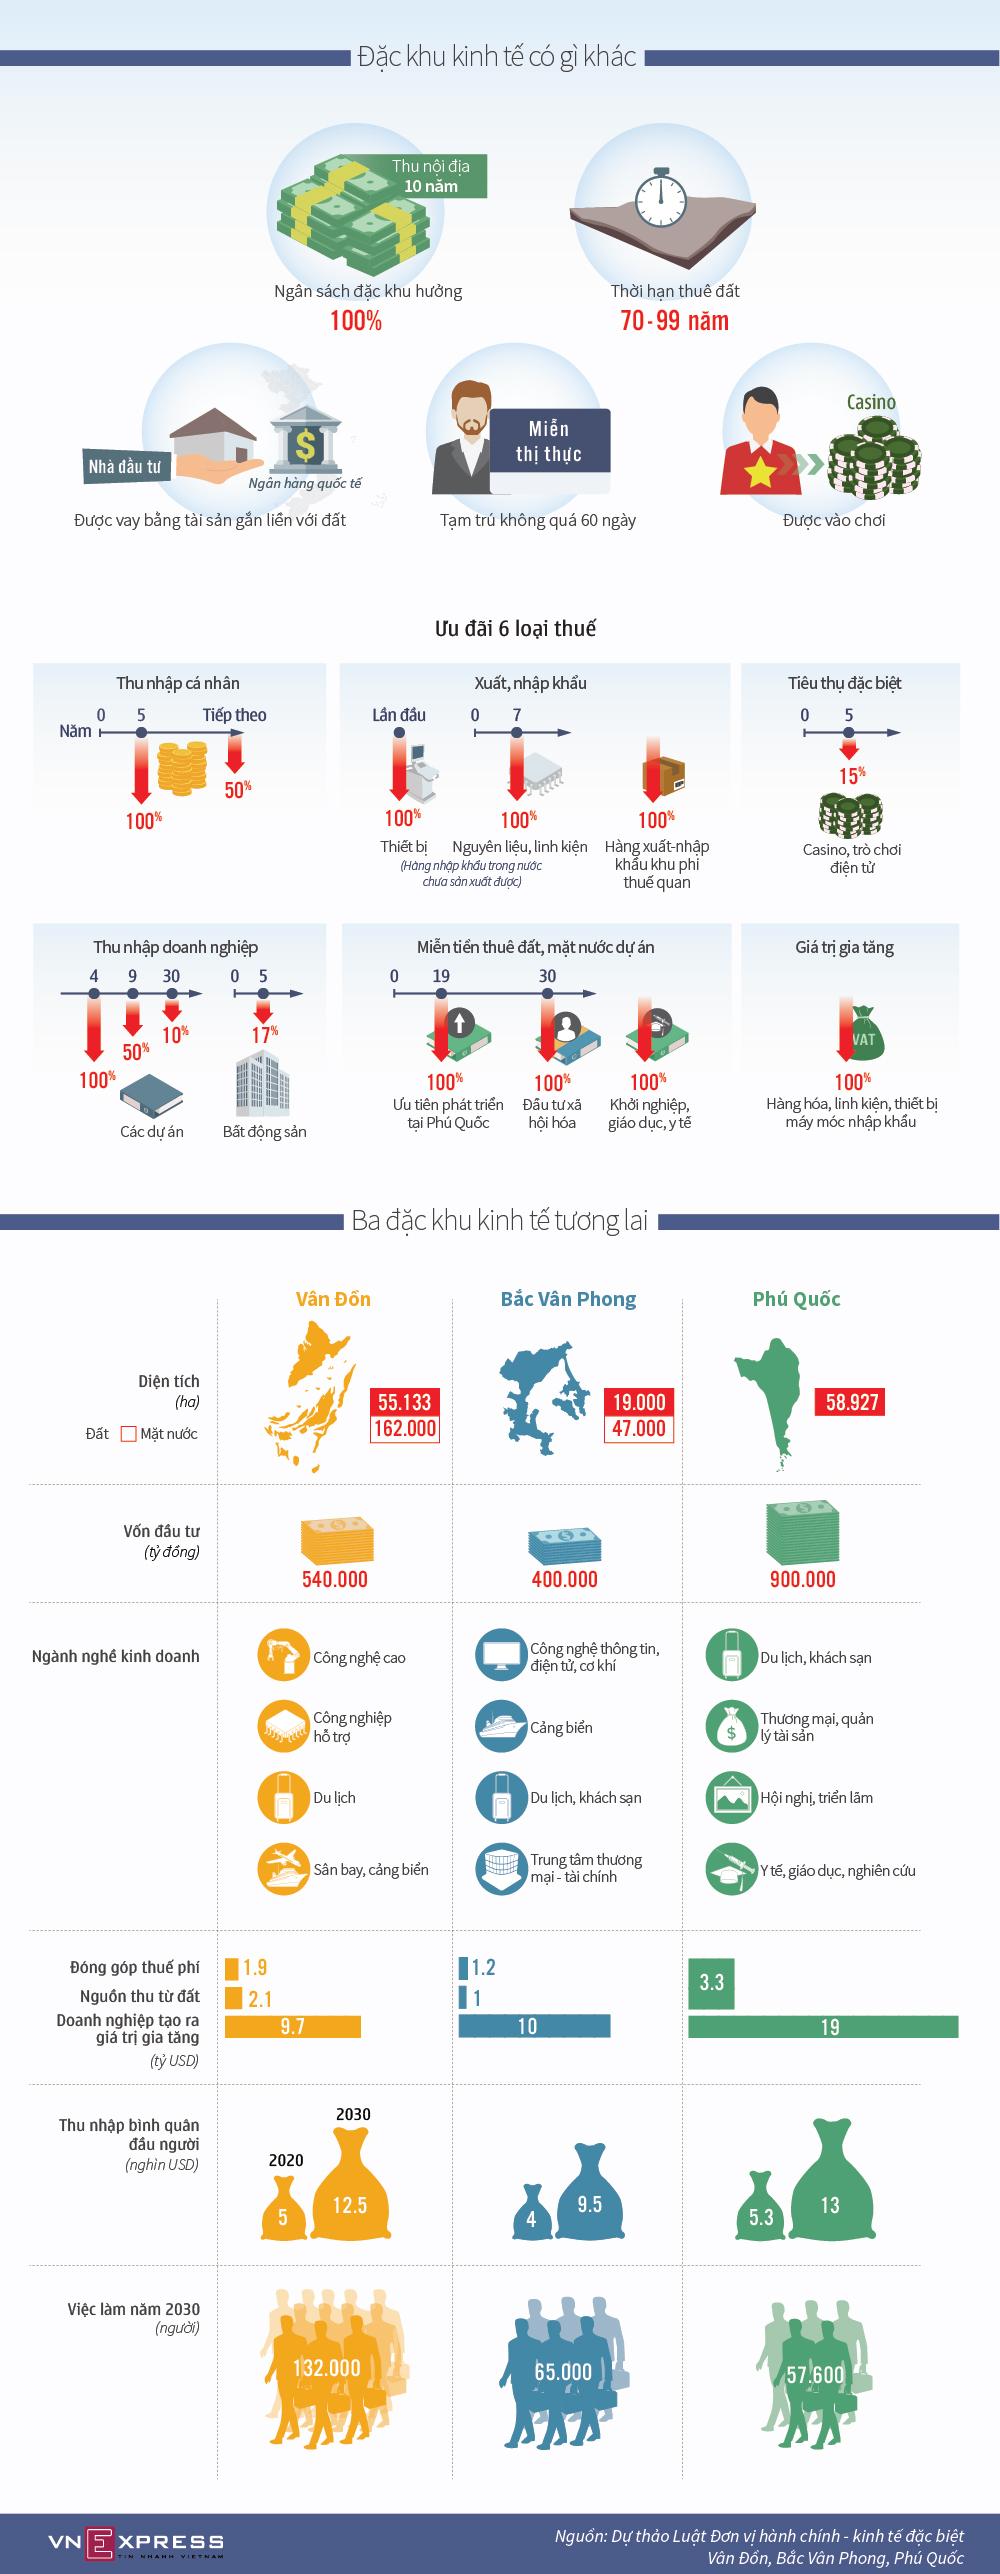 Ba đặc khu kinh tế tương lai được ưu đãi gì?